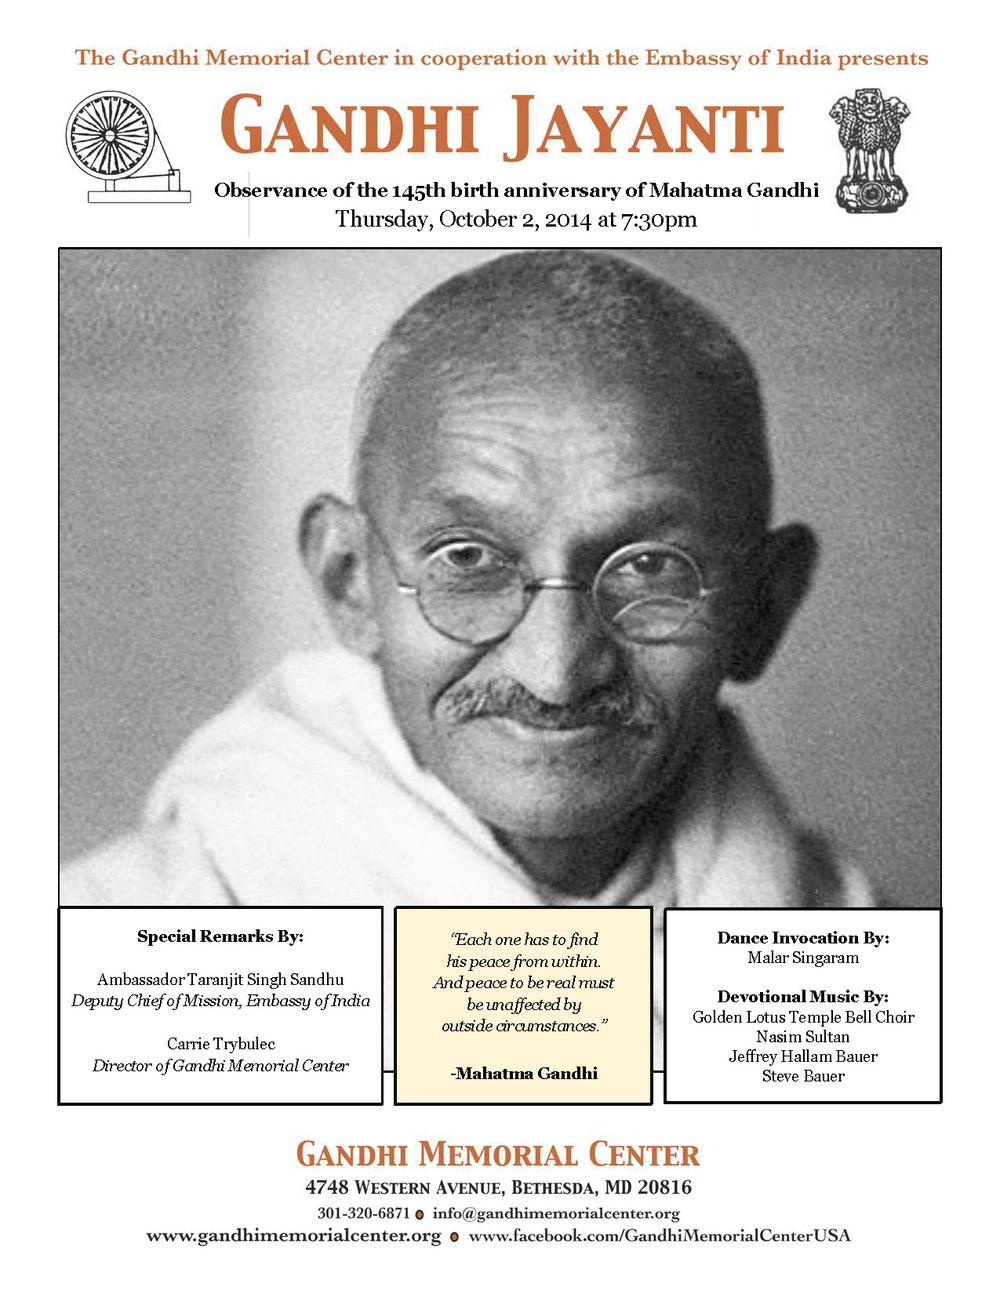 essay on gandhi jayanti in english महात्मा गाँधी जयंती पर भाषण कविता एवं जीवन essay on gandhi jayanti every english essays.